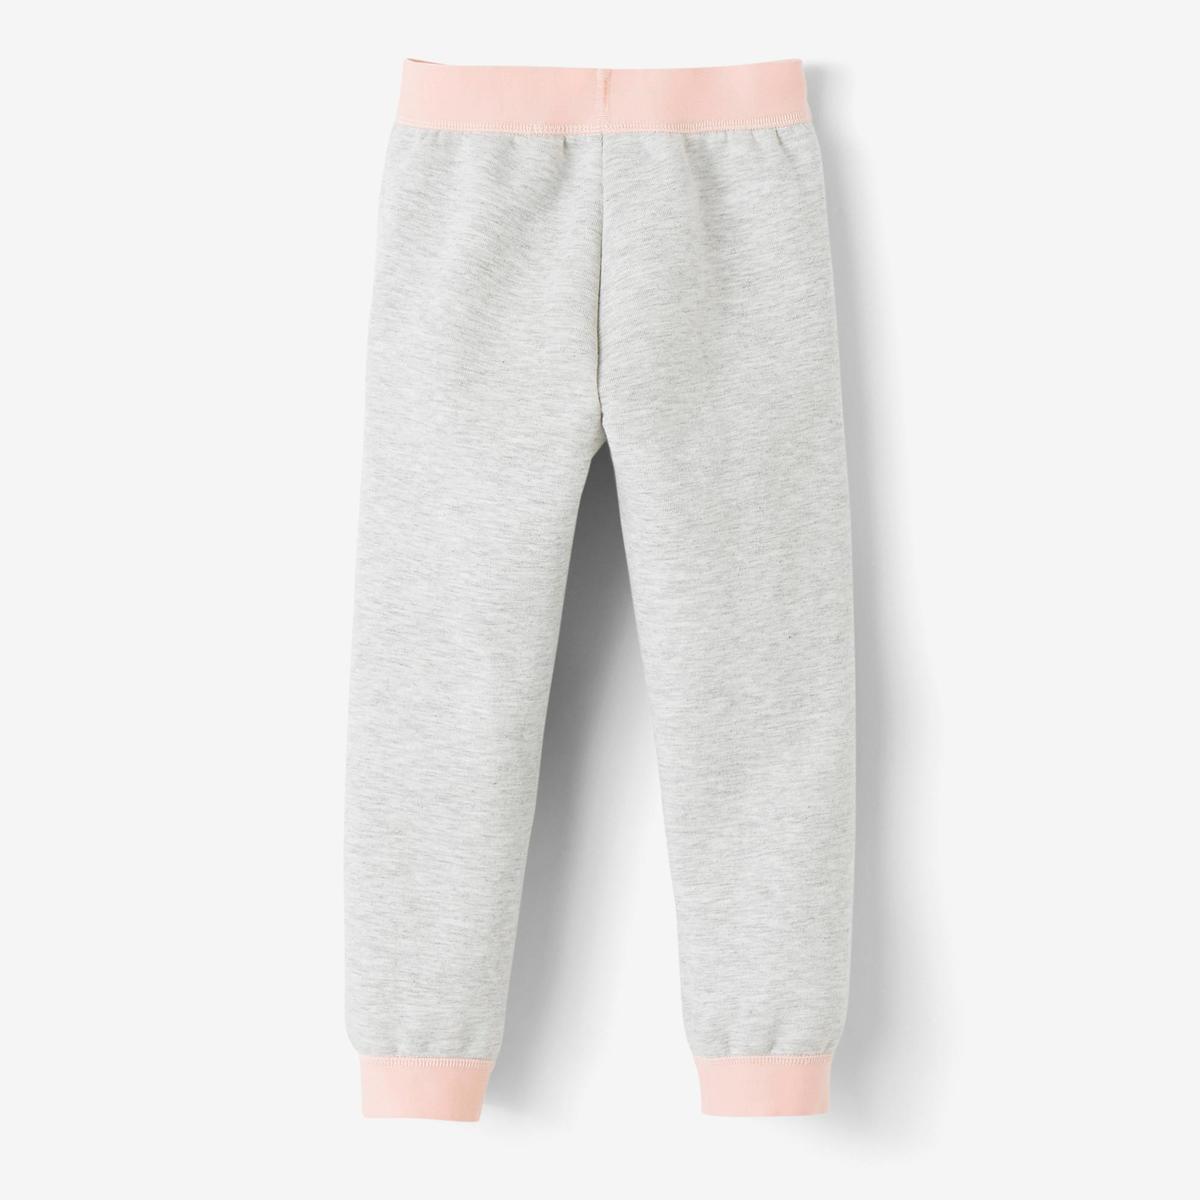 Bild 3 von Jogginghose 500 Babyturnen grau/rosa